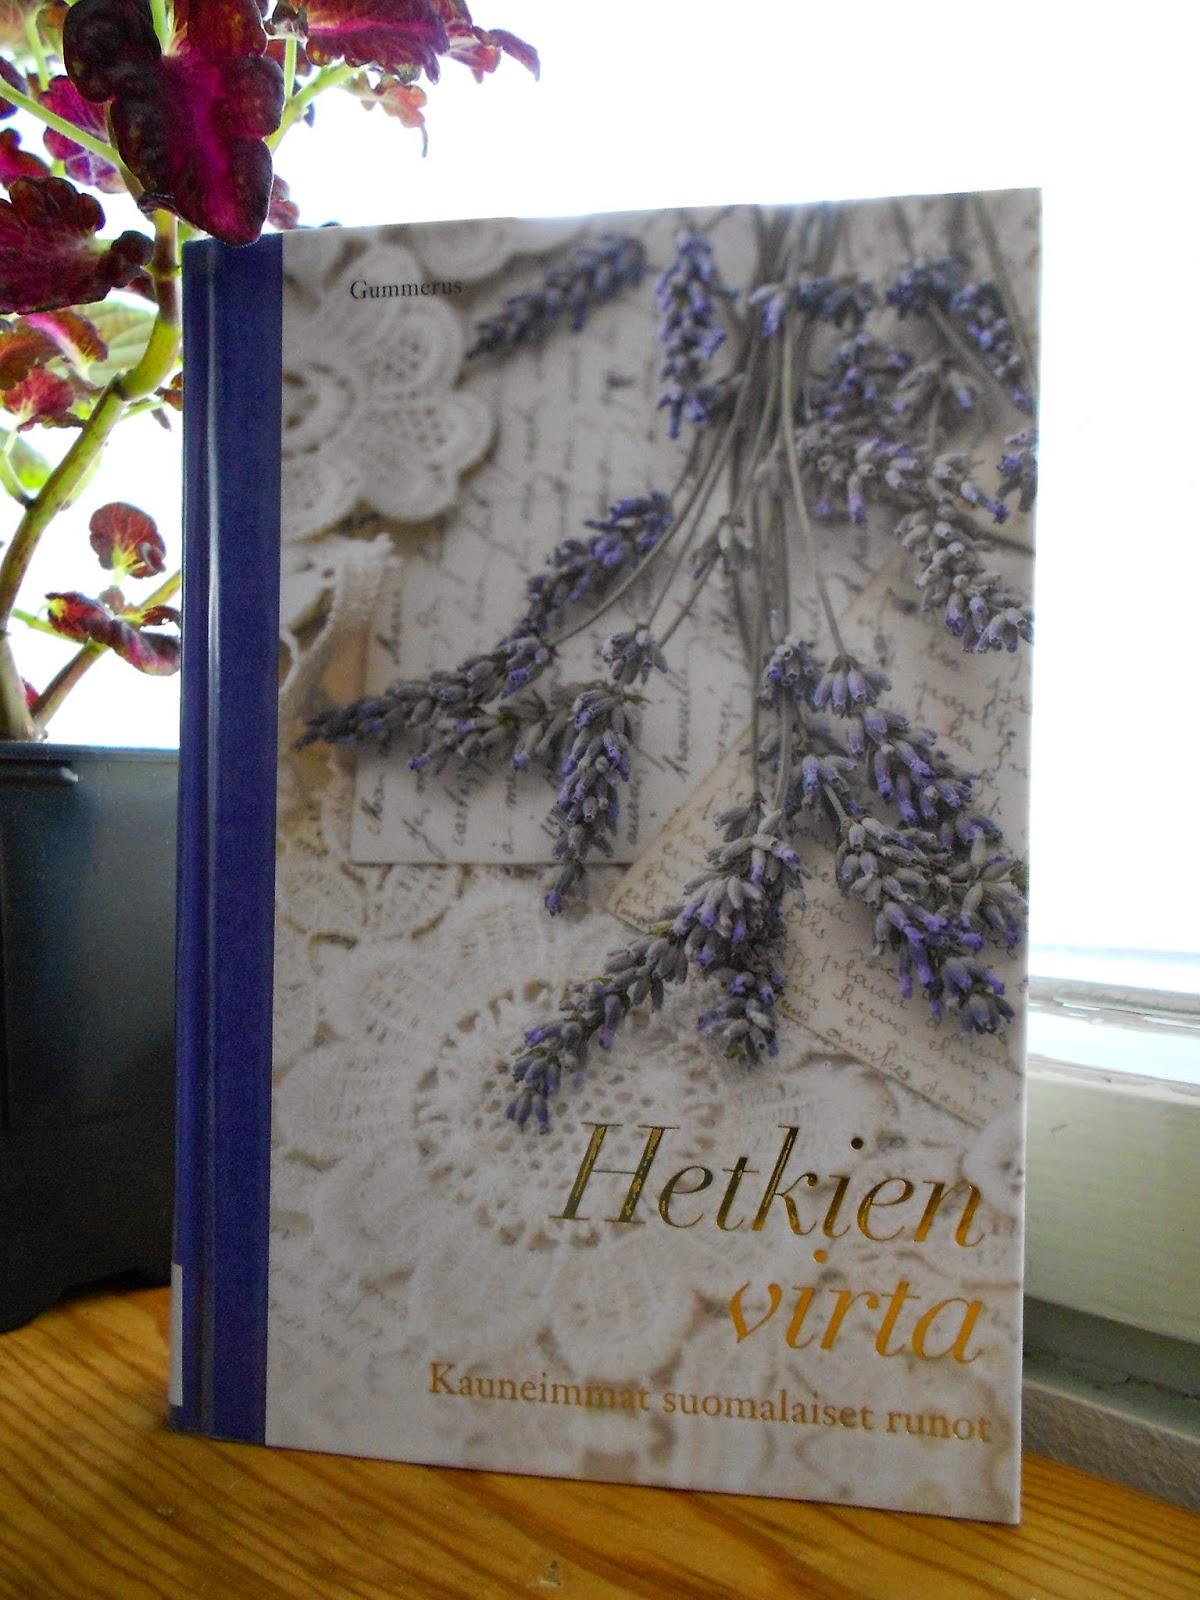 Kauneimmat Suomalaiset Runot